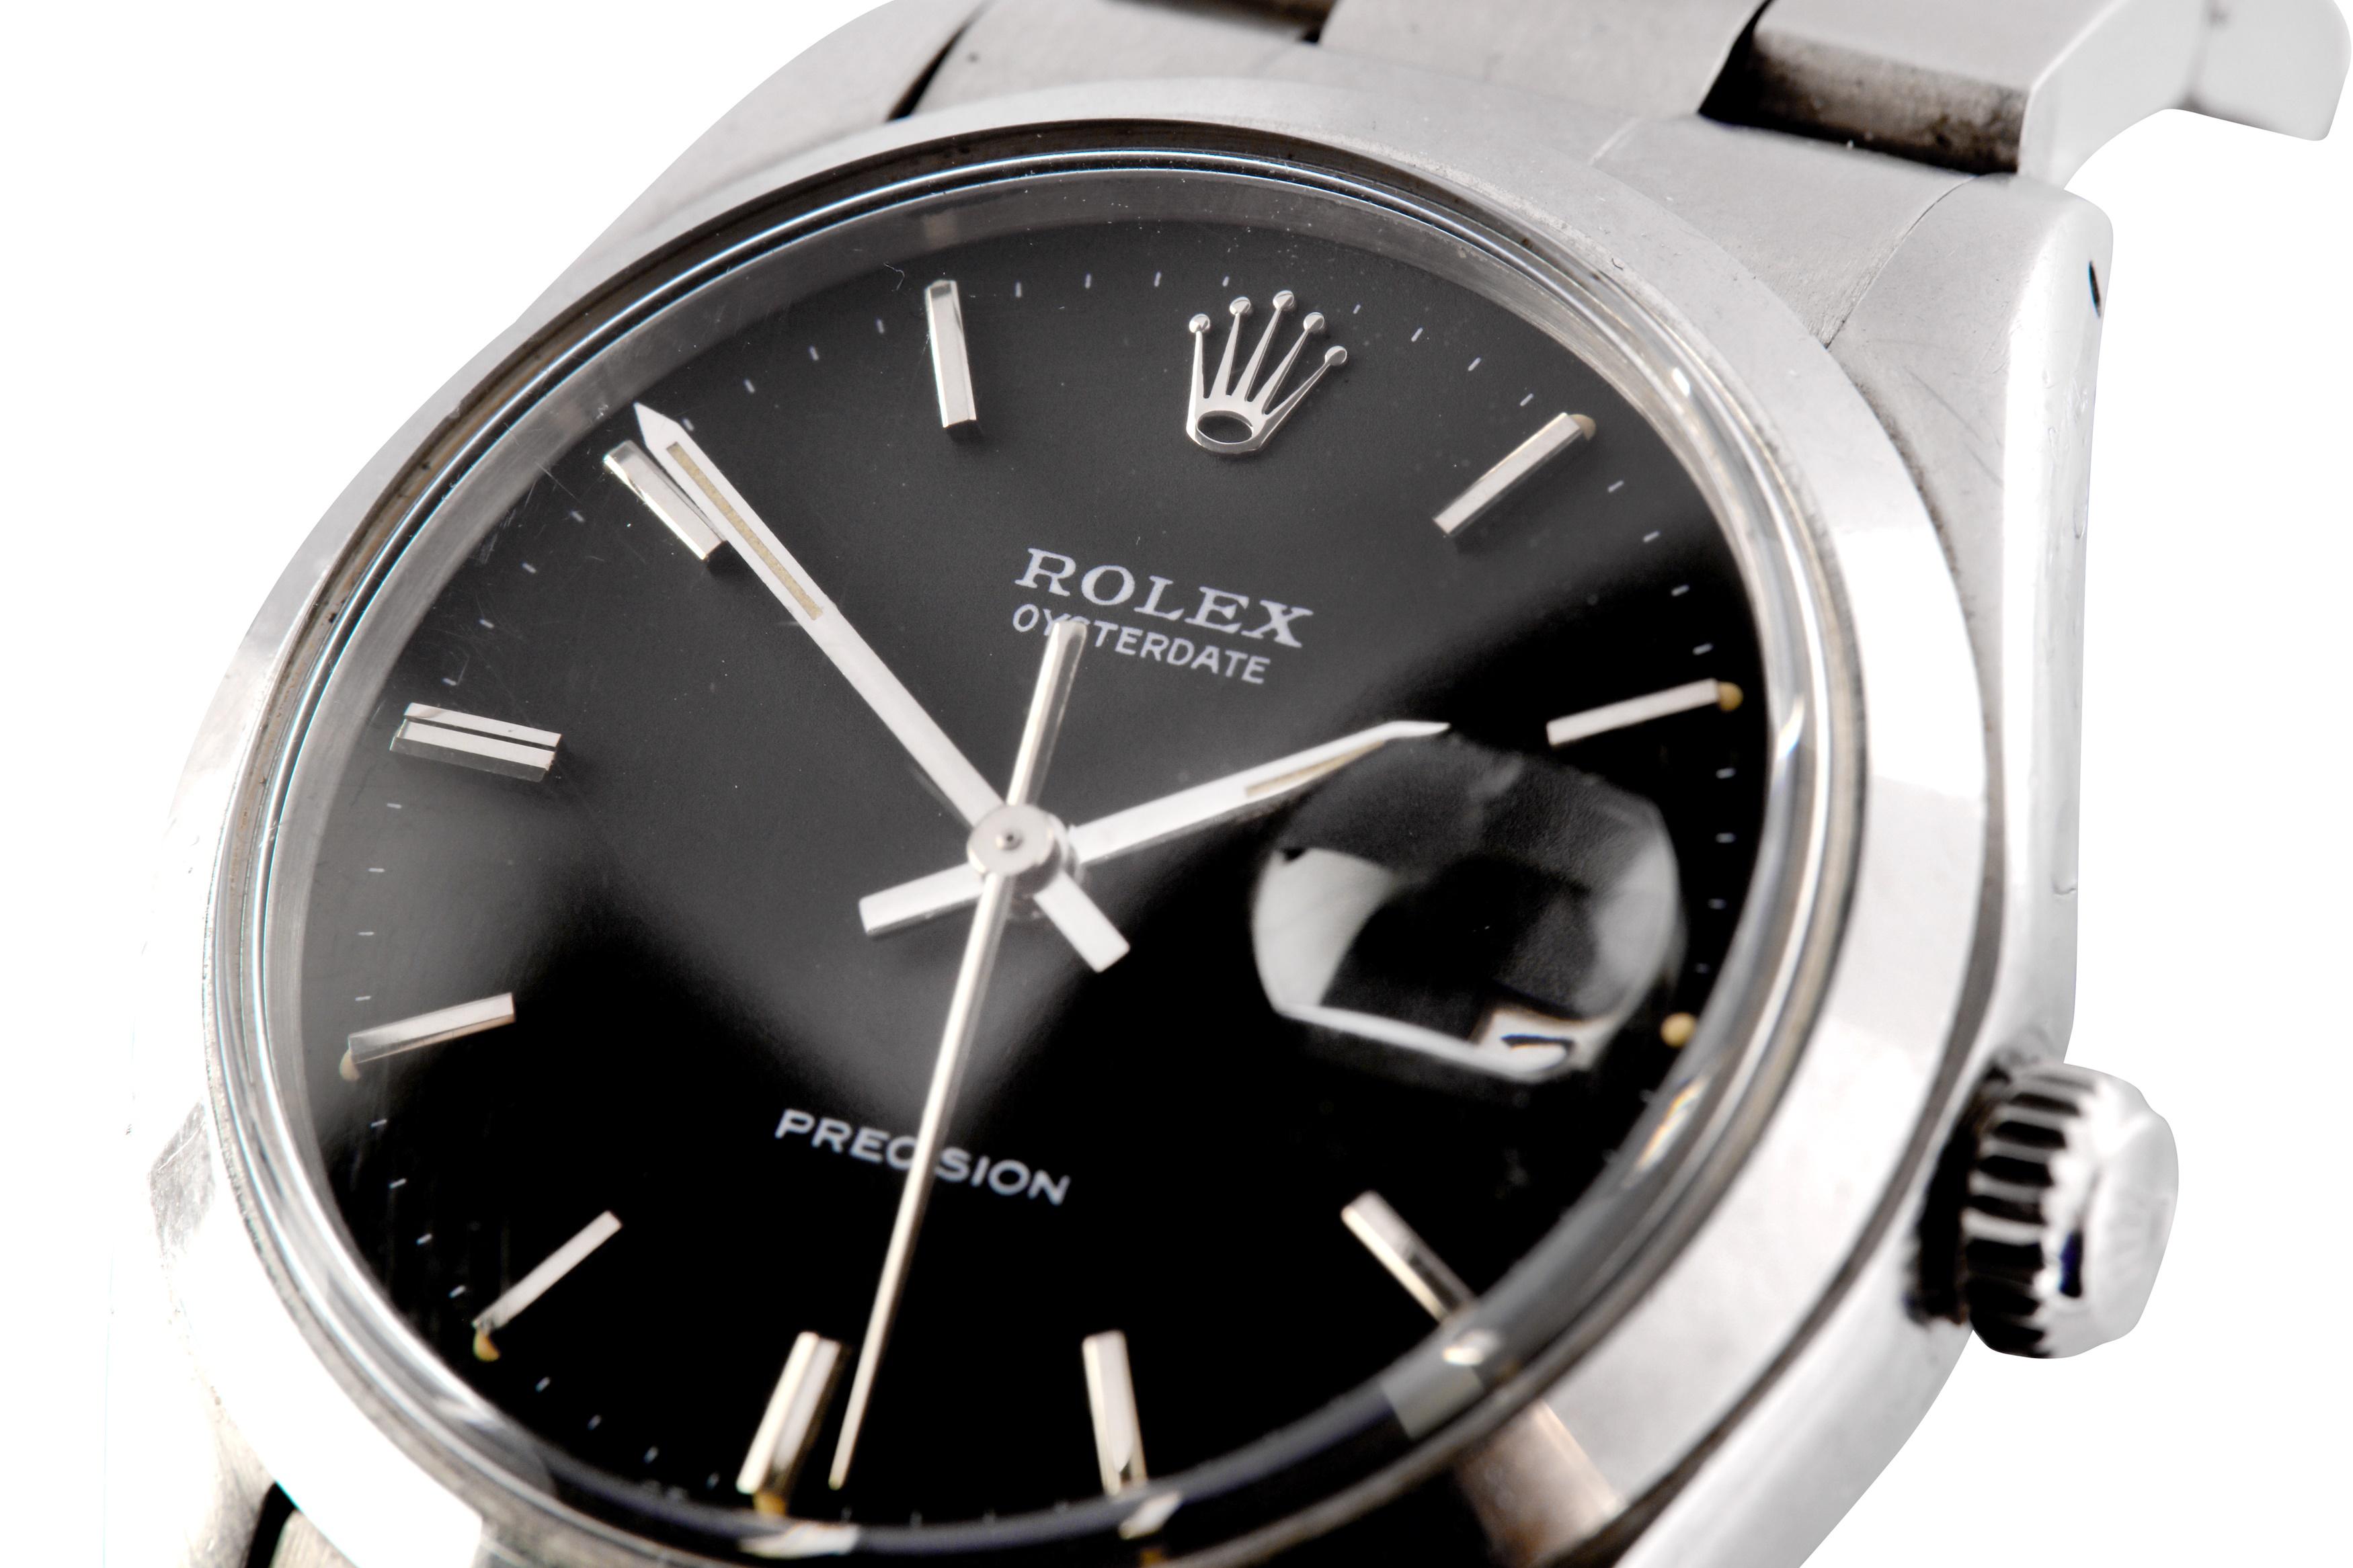 ROLEX. - Image 2 of 3